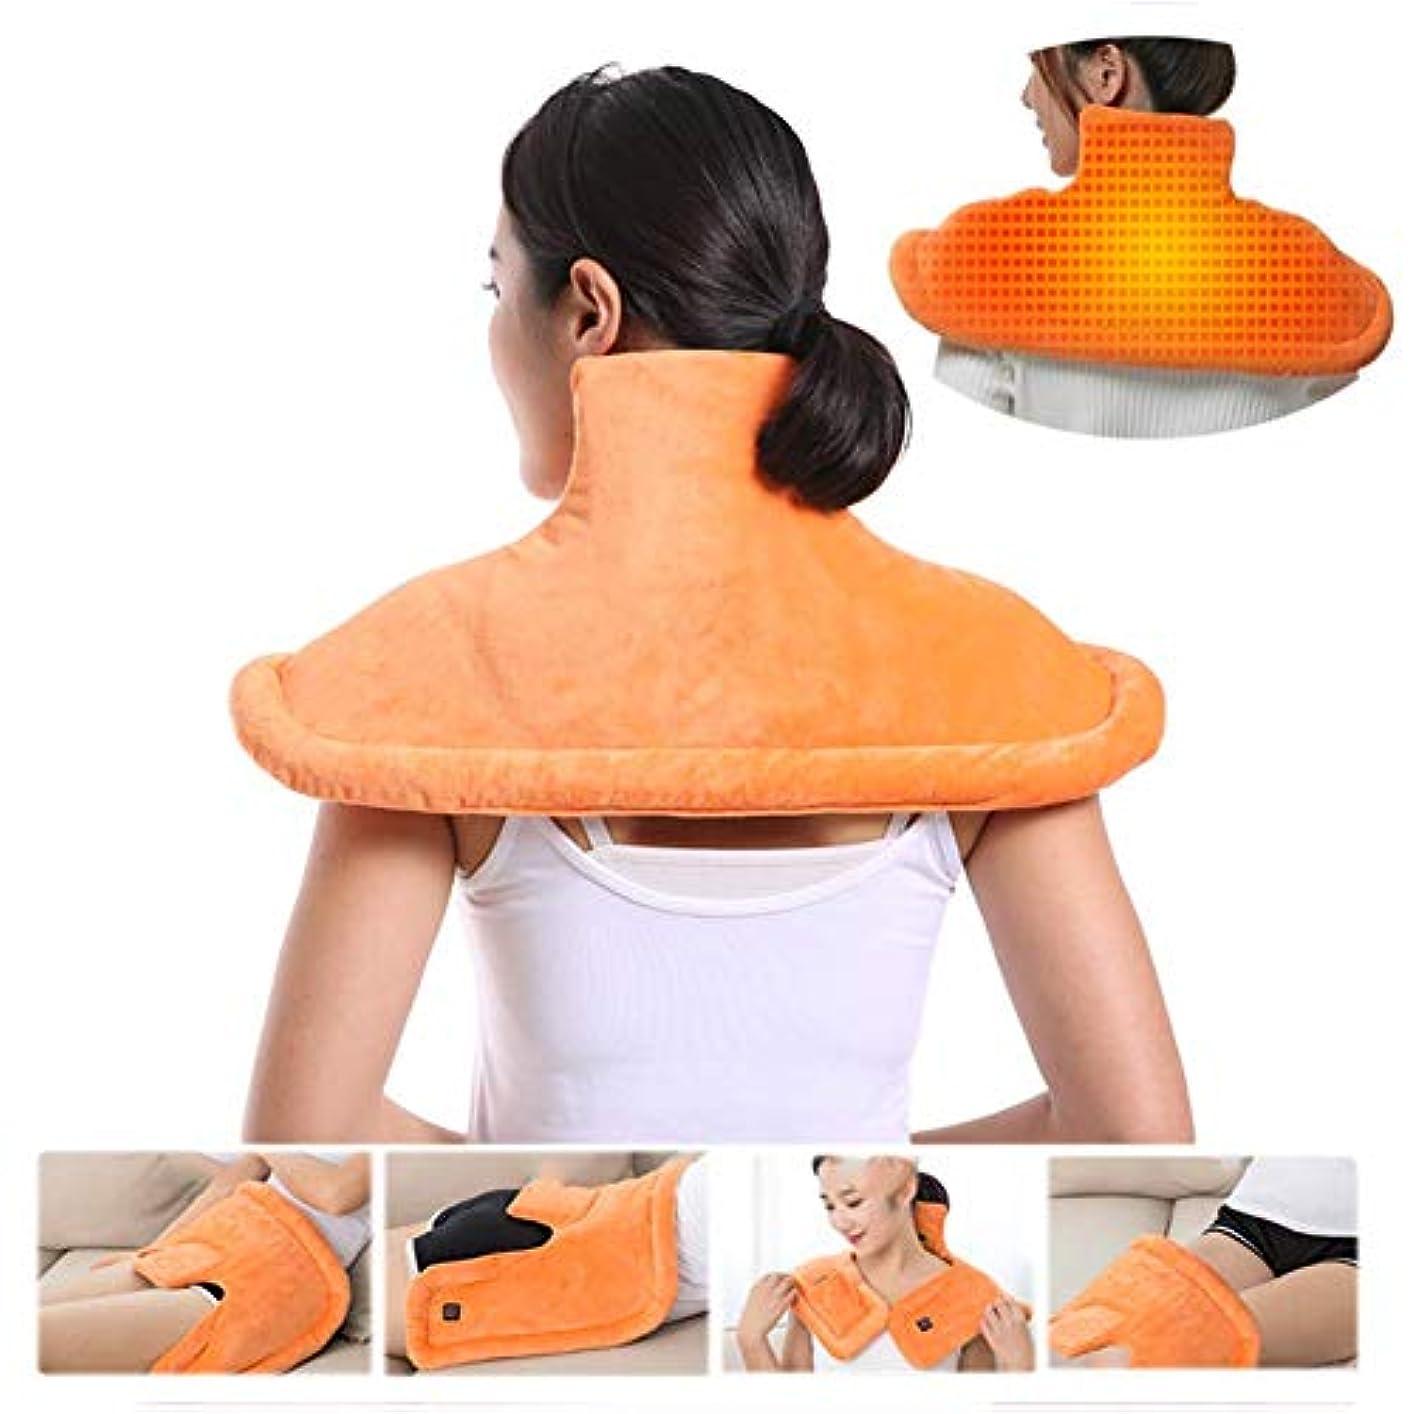 ニコチン悪の後方にSooger 電熱のストール 首の肩の背部暖房パッド、マッサージのヒートラップの熱くするショールの減圧のための調節可能な強度フルボディマッサージ首の肩暖房湿った熱療法のパッド